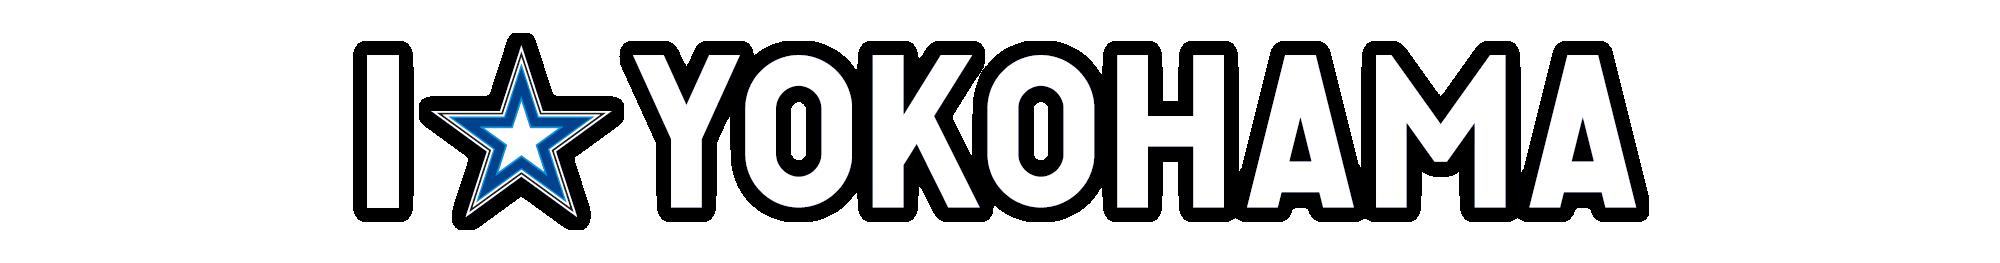 横浜DeNAベイスターズ ロゴ